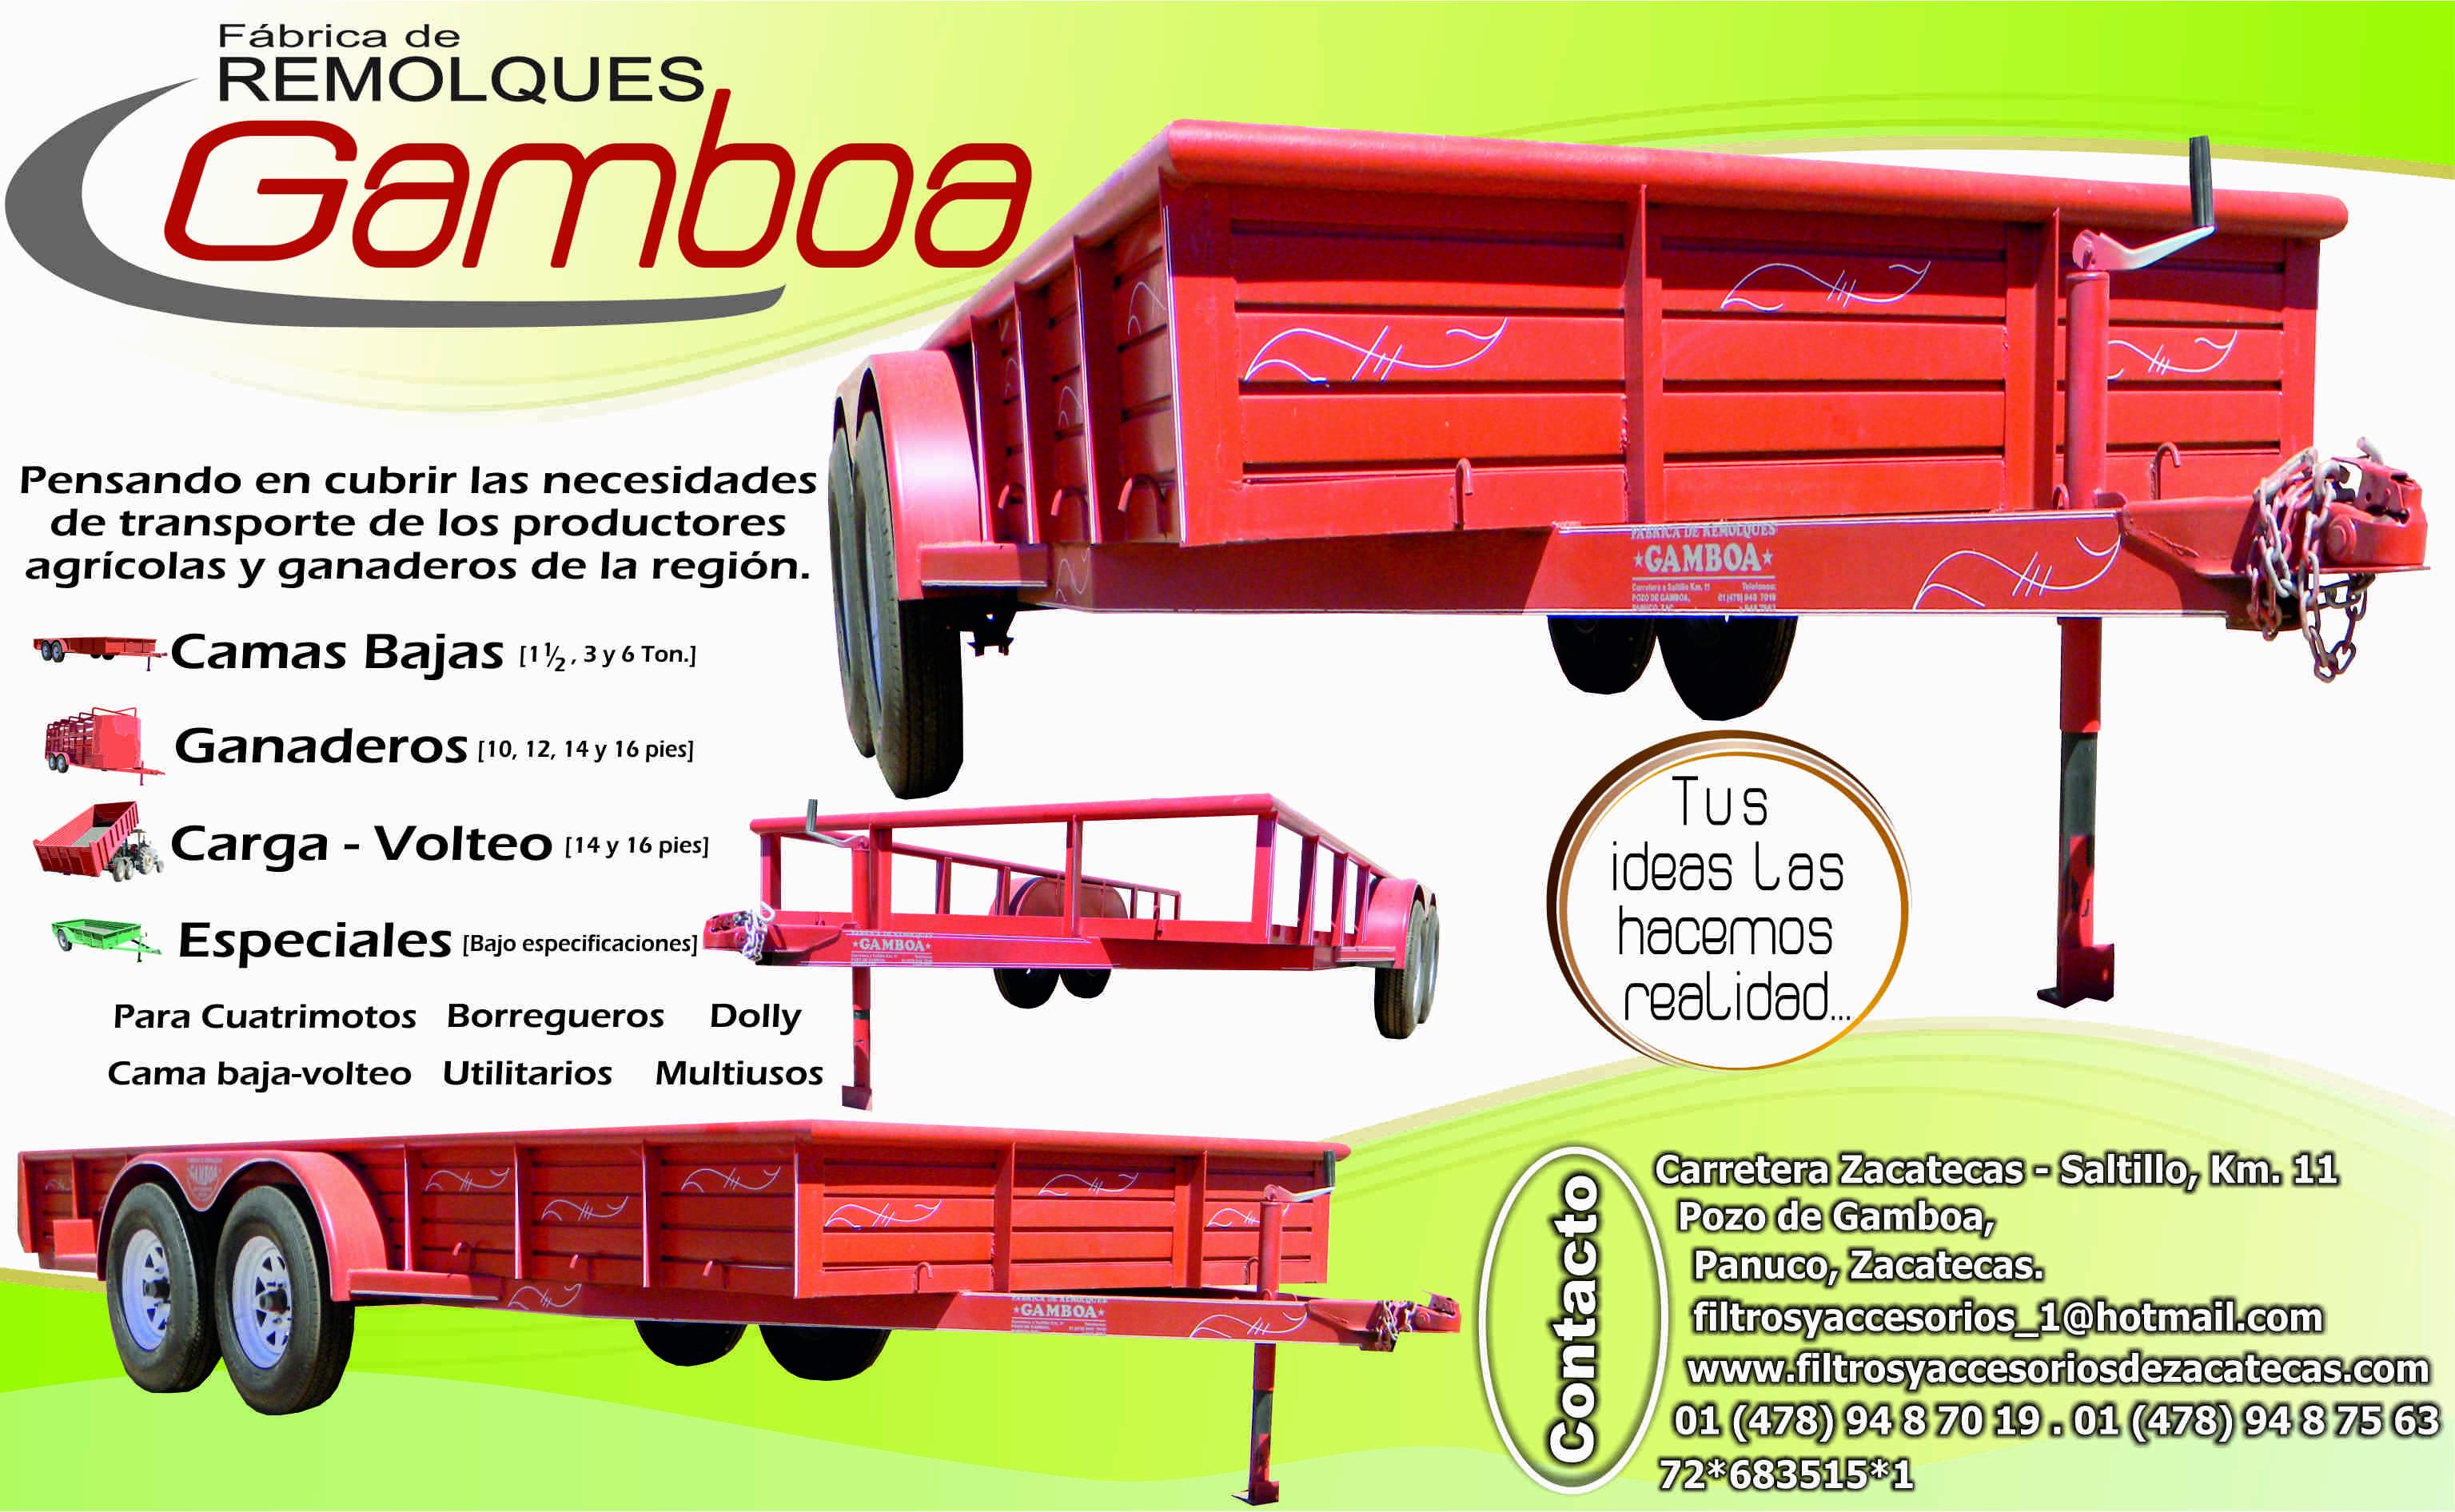 Remolques Gamboa